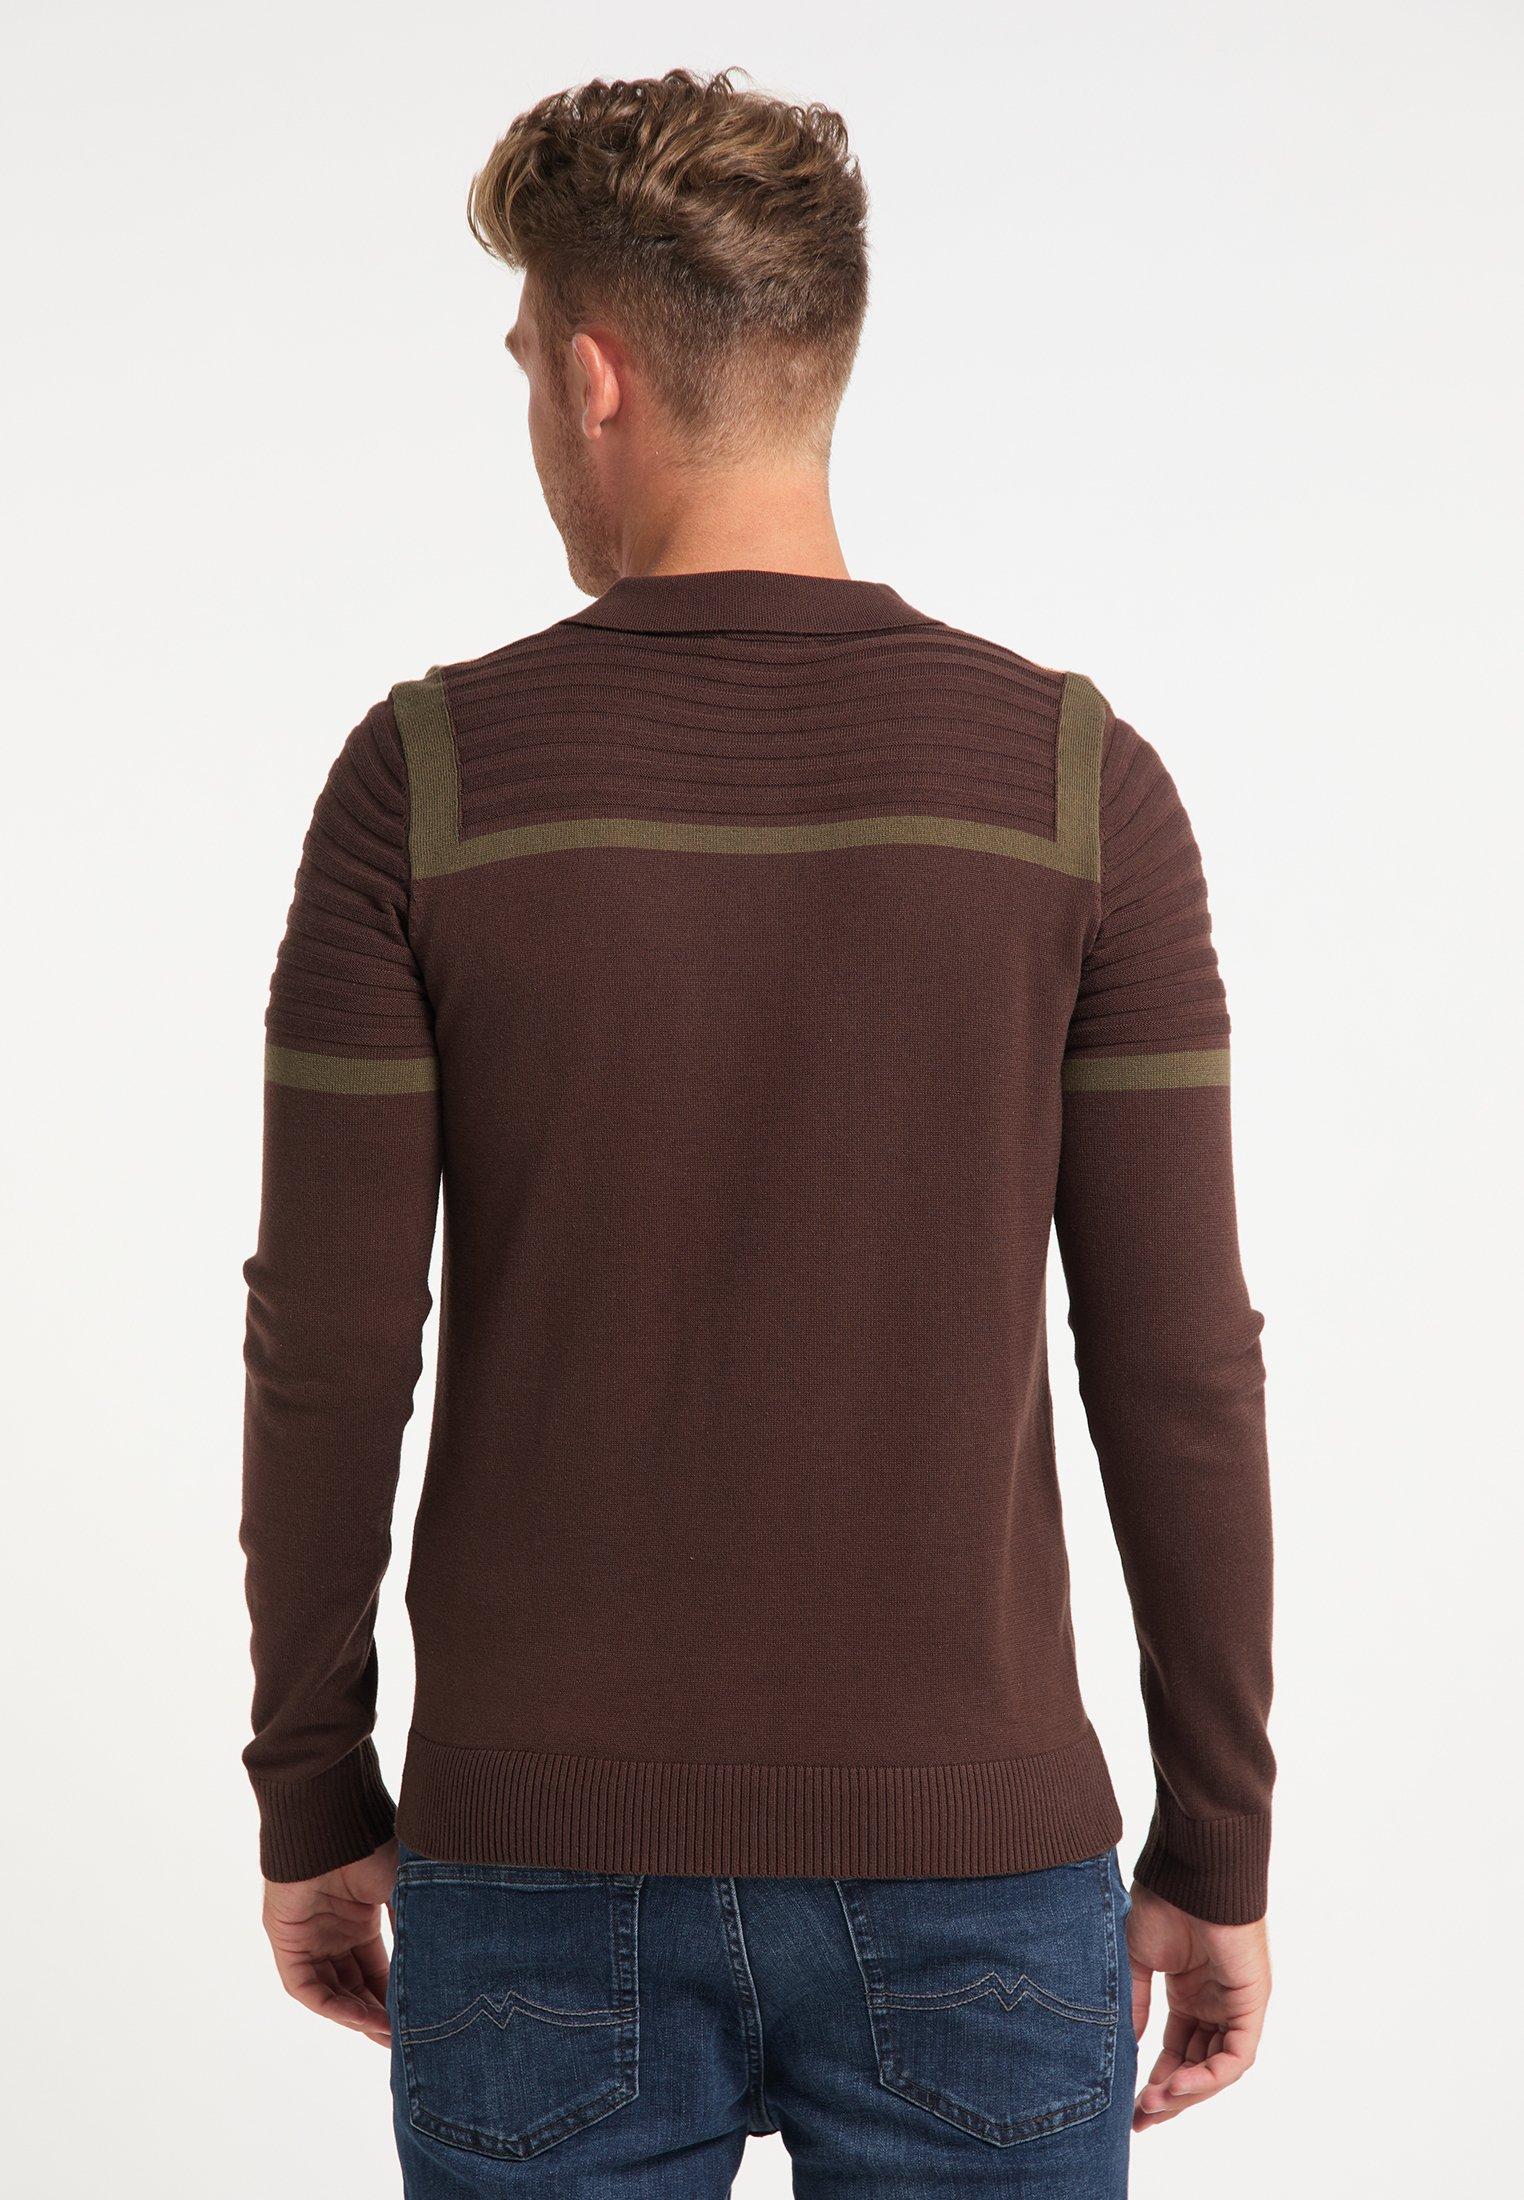 Mo Polo shirt - multicolor nsfW7